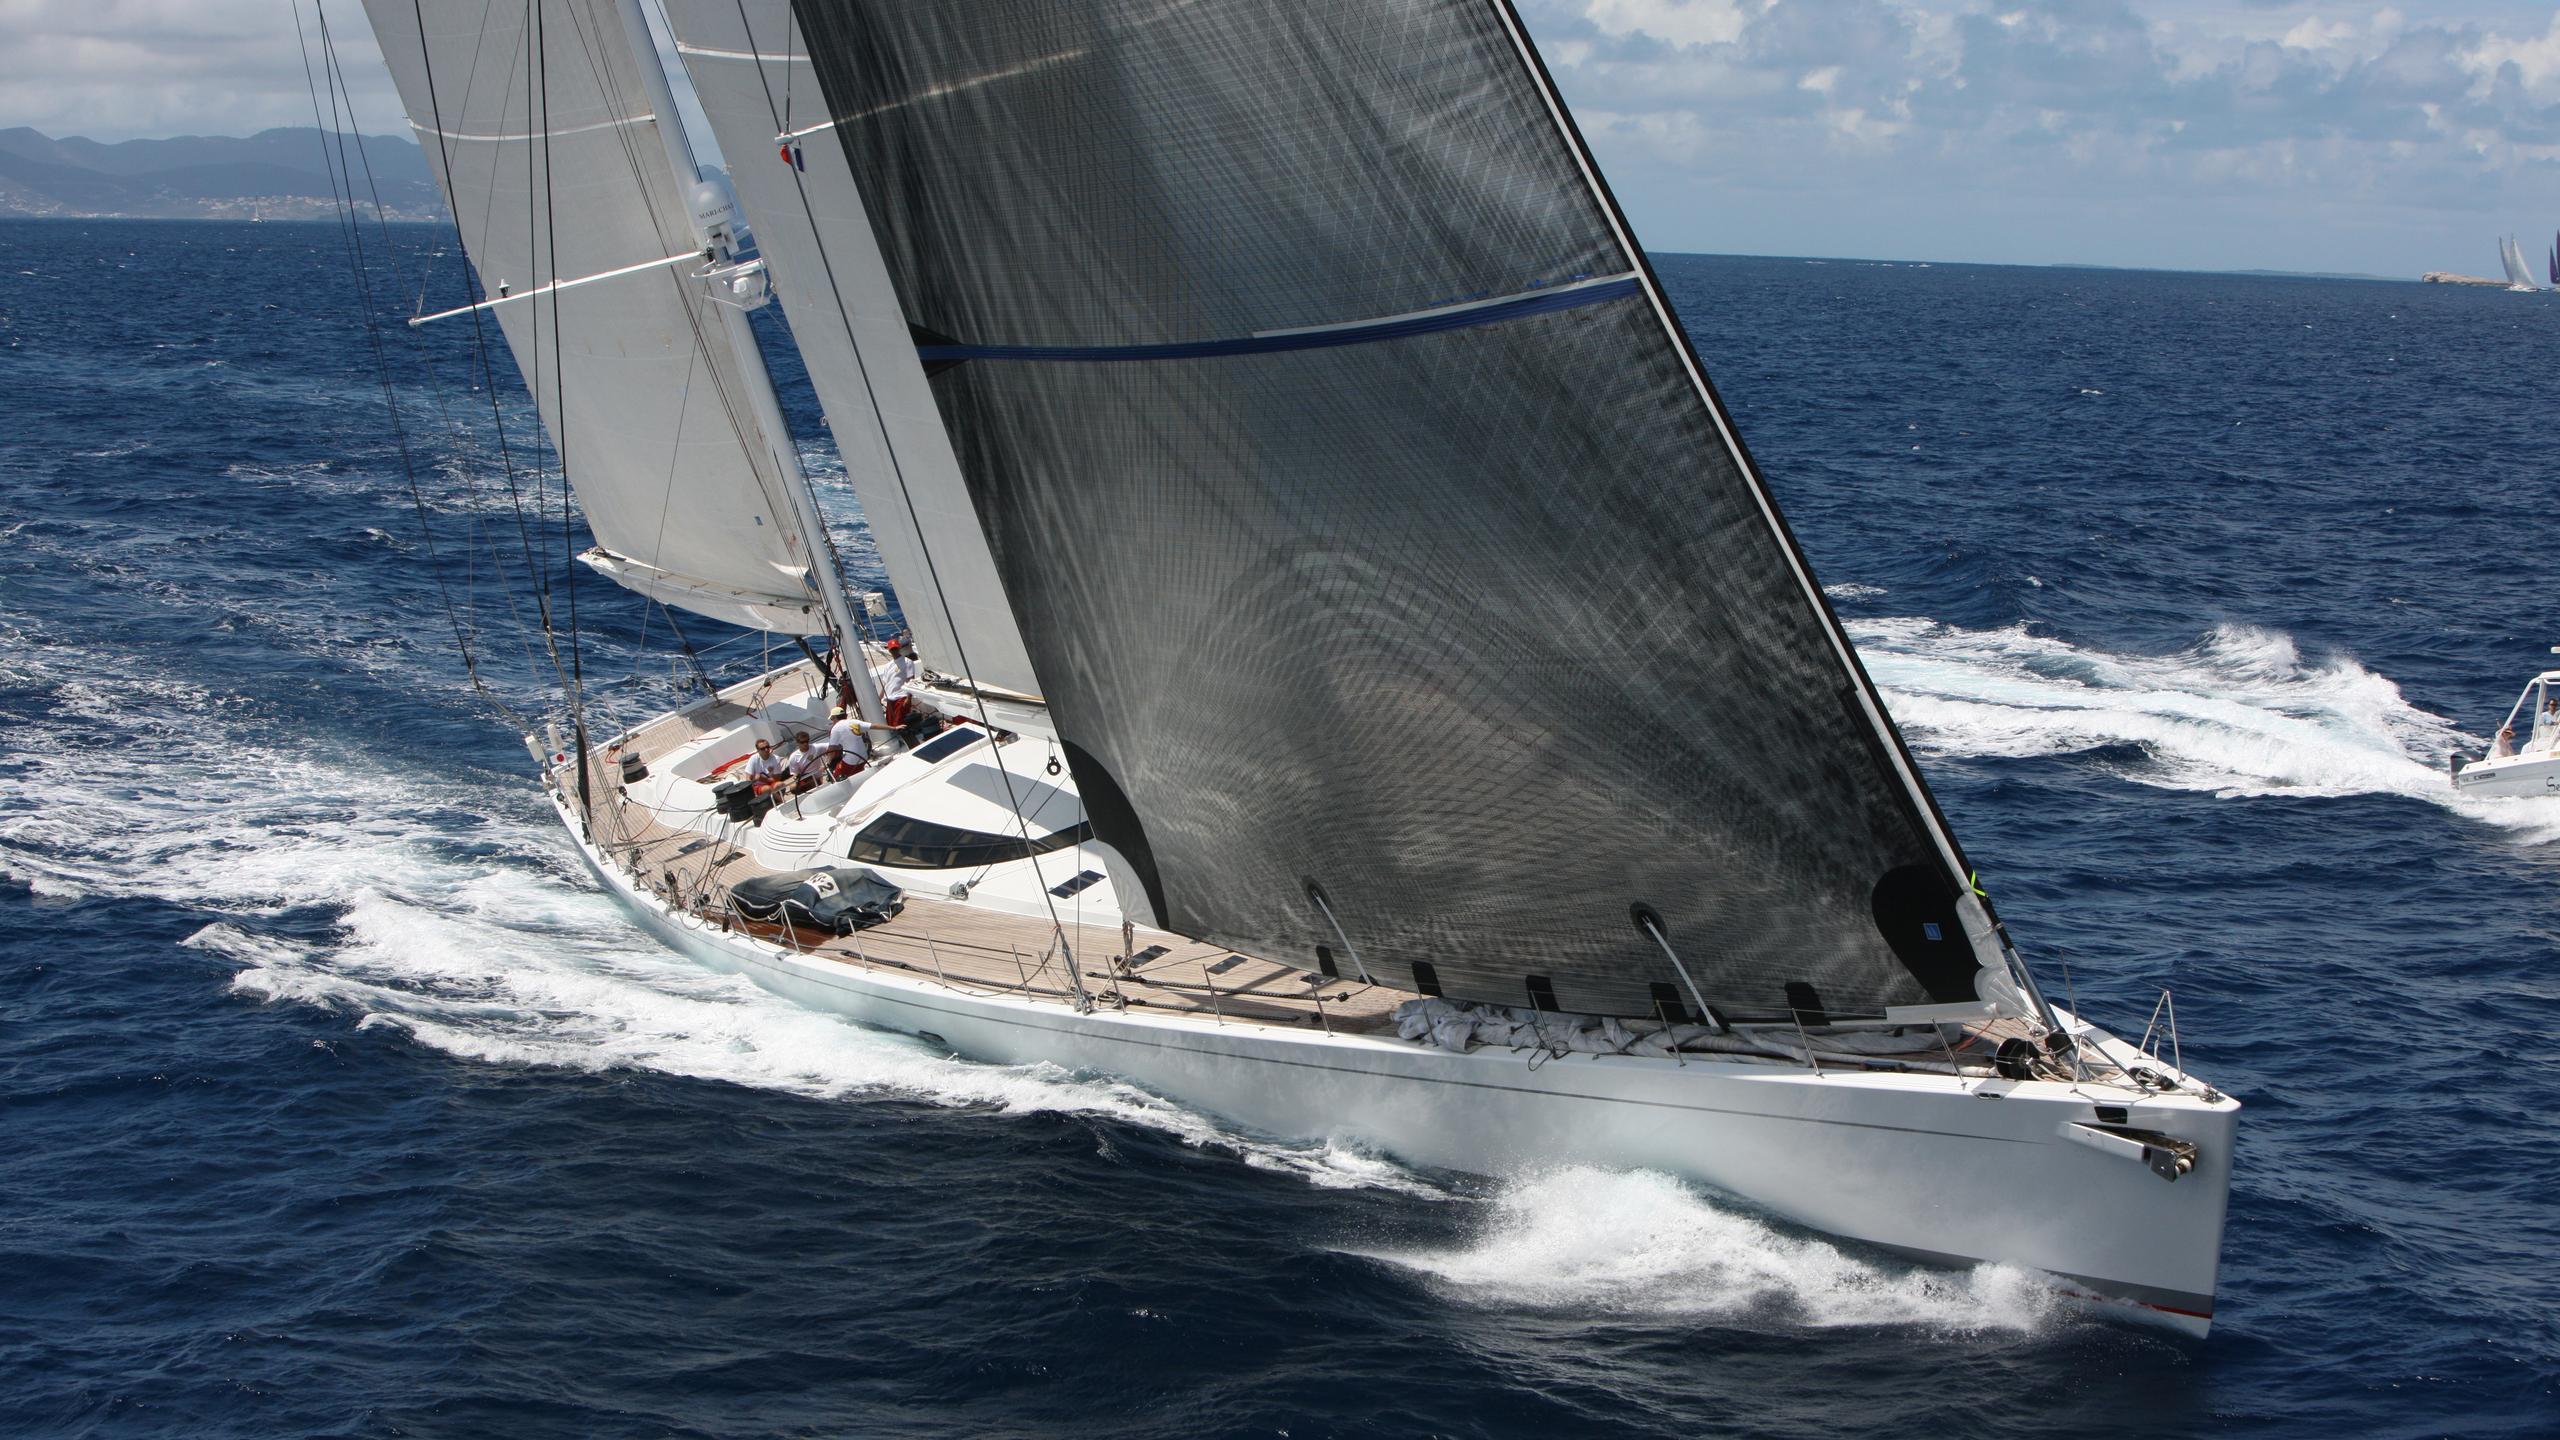 mari-cha-iii-yacht-at-sea